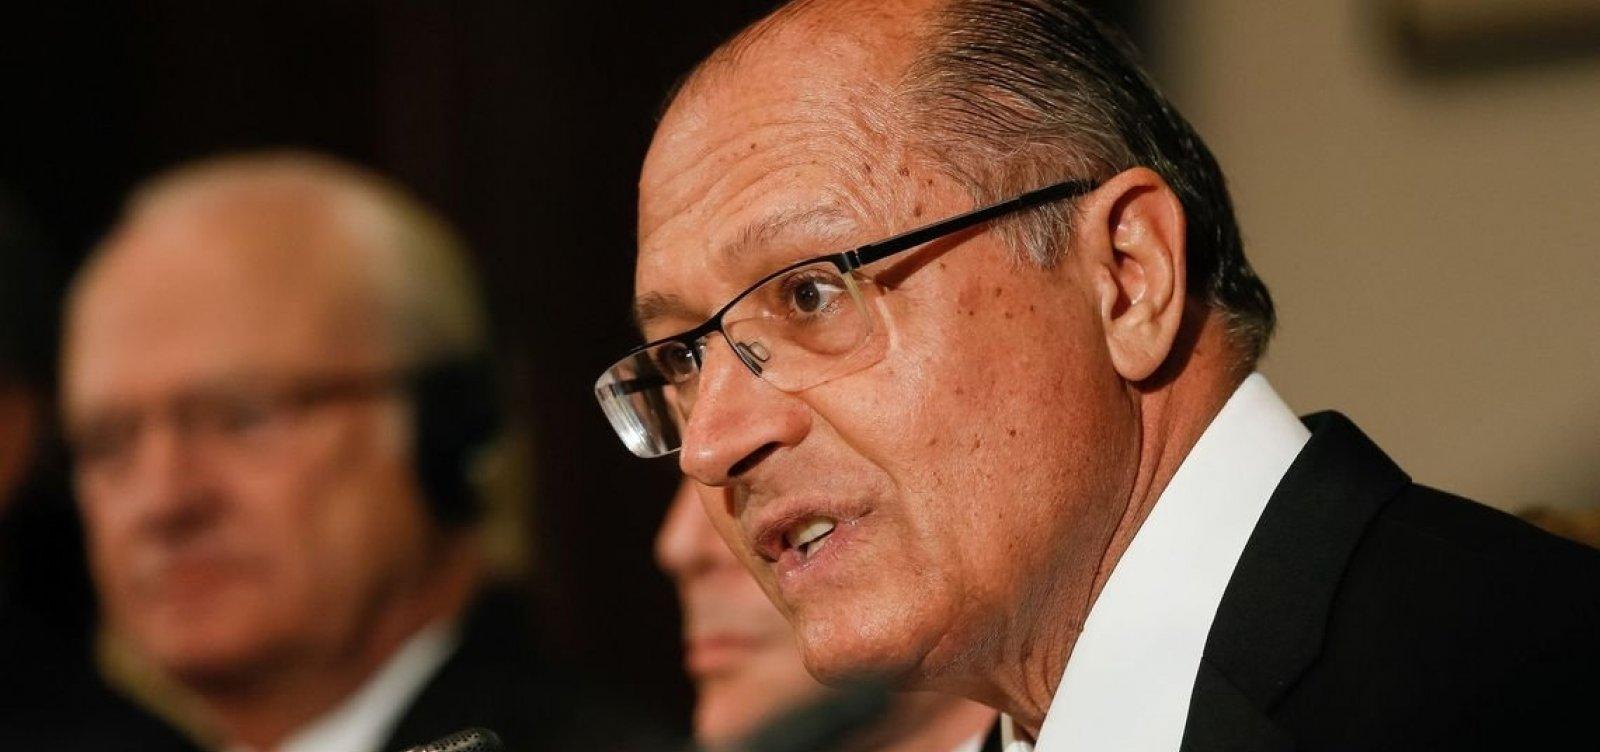 [Alckmin diz que PSDB está 'fragilizado' e se preocupa com extremismo no país]